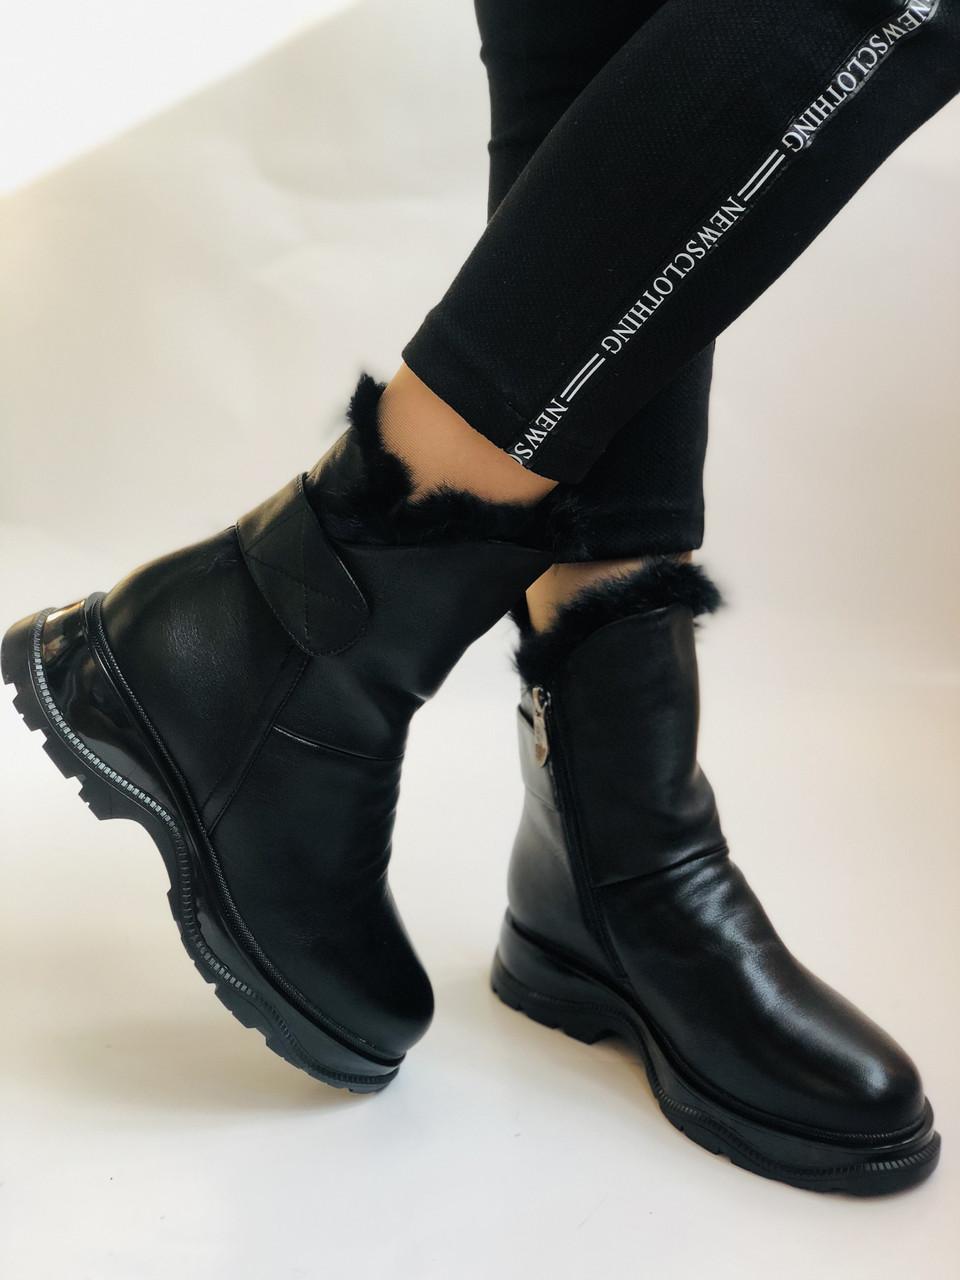 Gotti. Зимние ботинки на натуральном меху.  Р.37-39